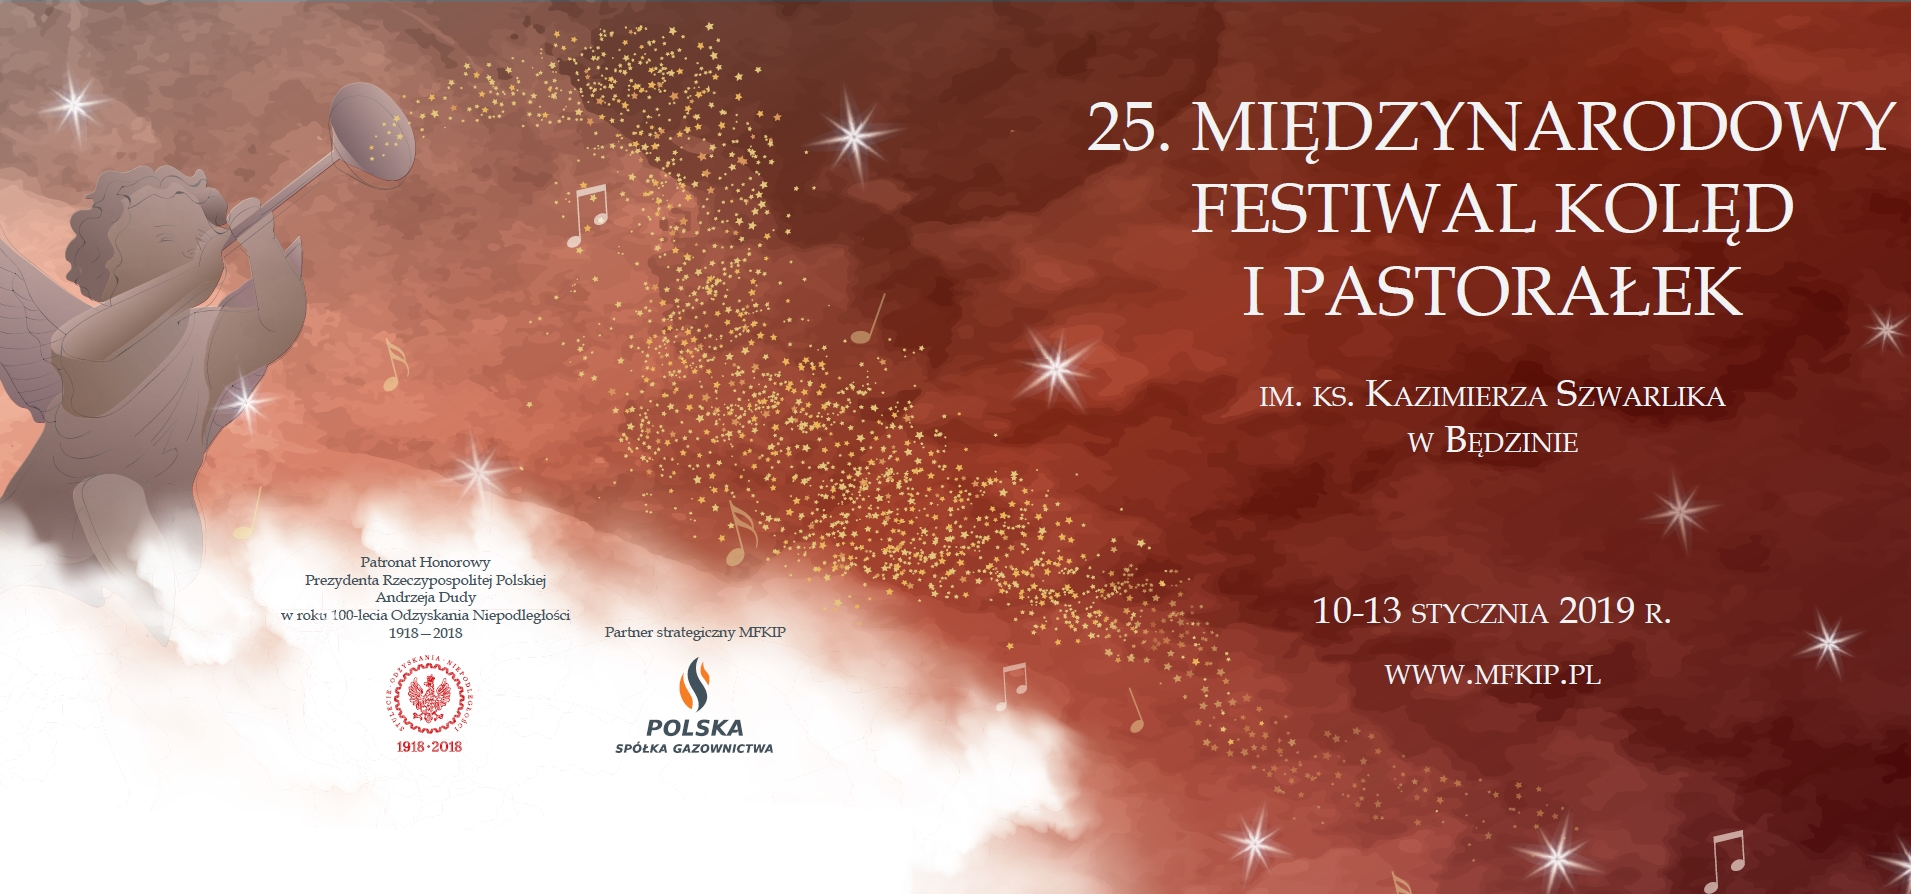 25. Międzynarodowy Festiwal Kolęd i Pastore